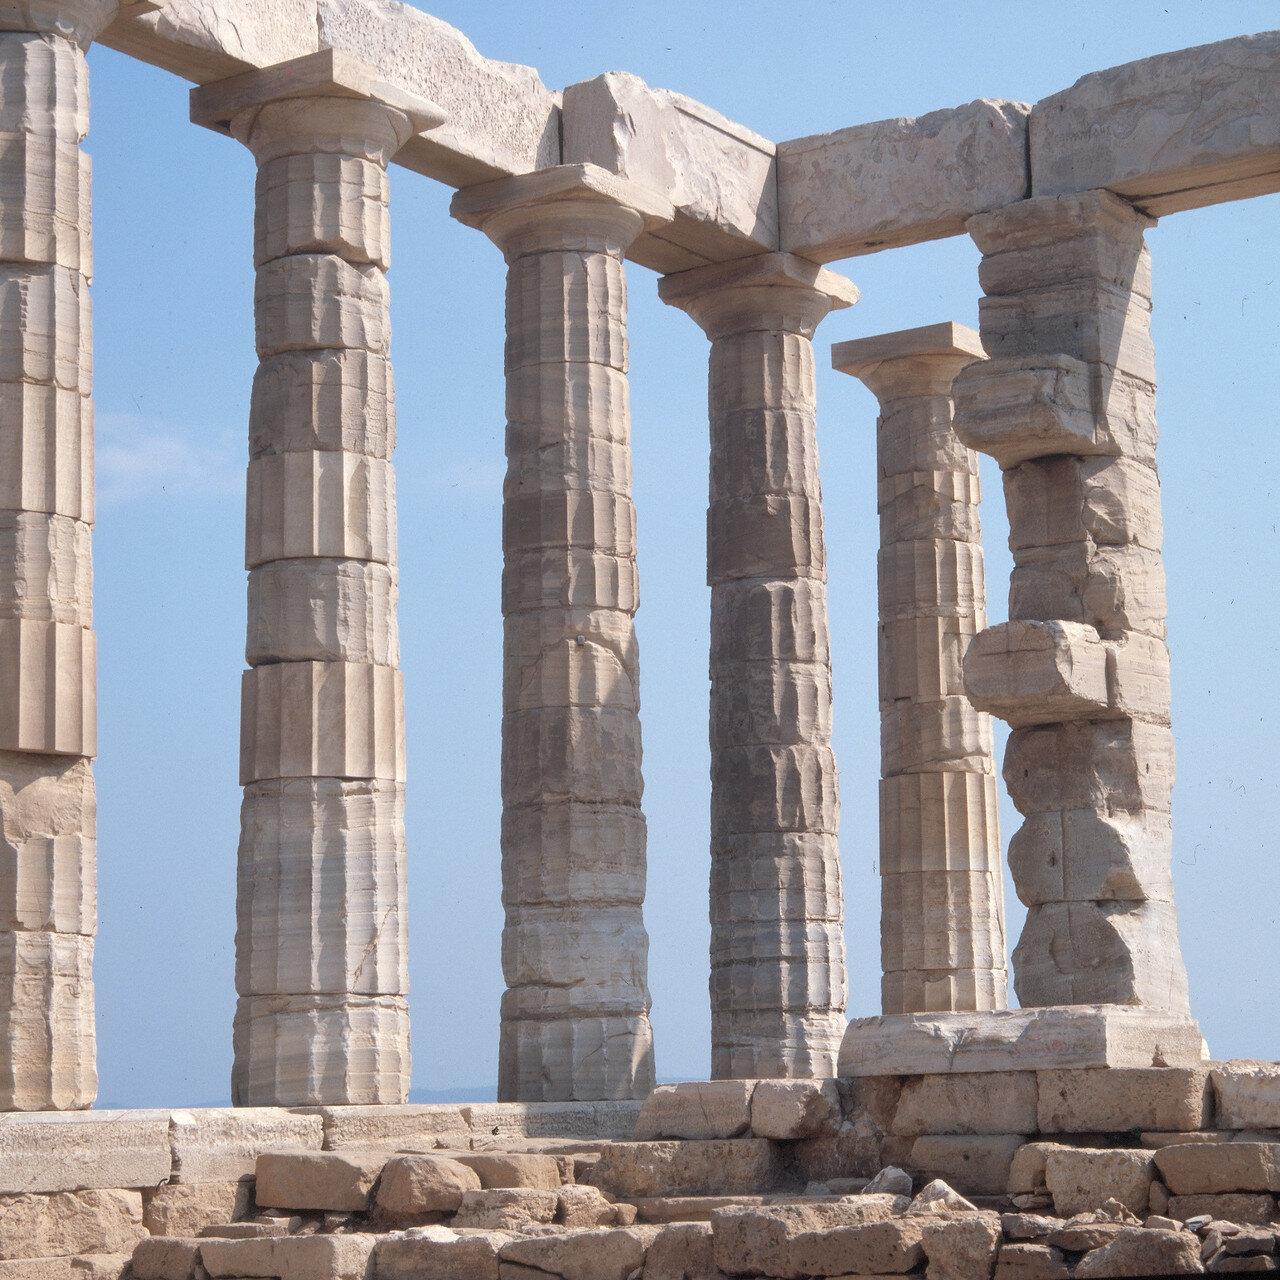 Храм Посейдона. Вид из целлы храма